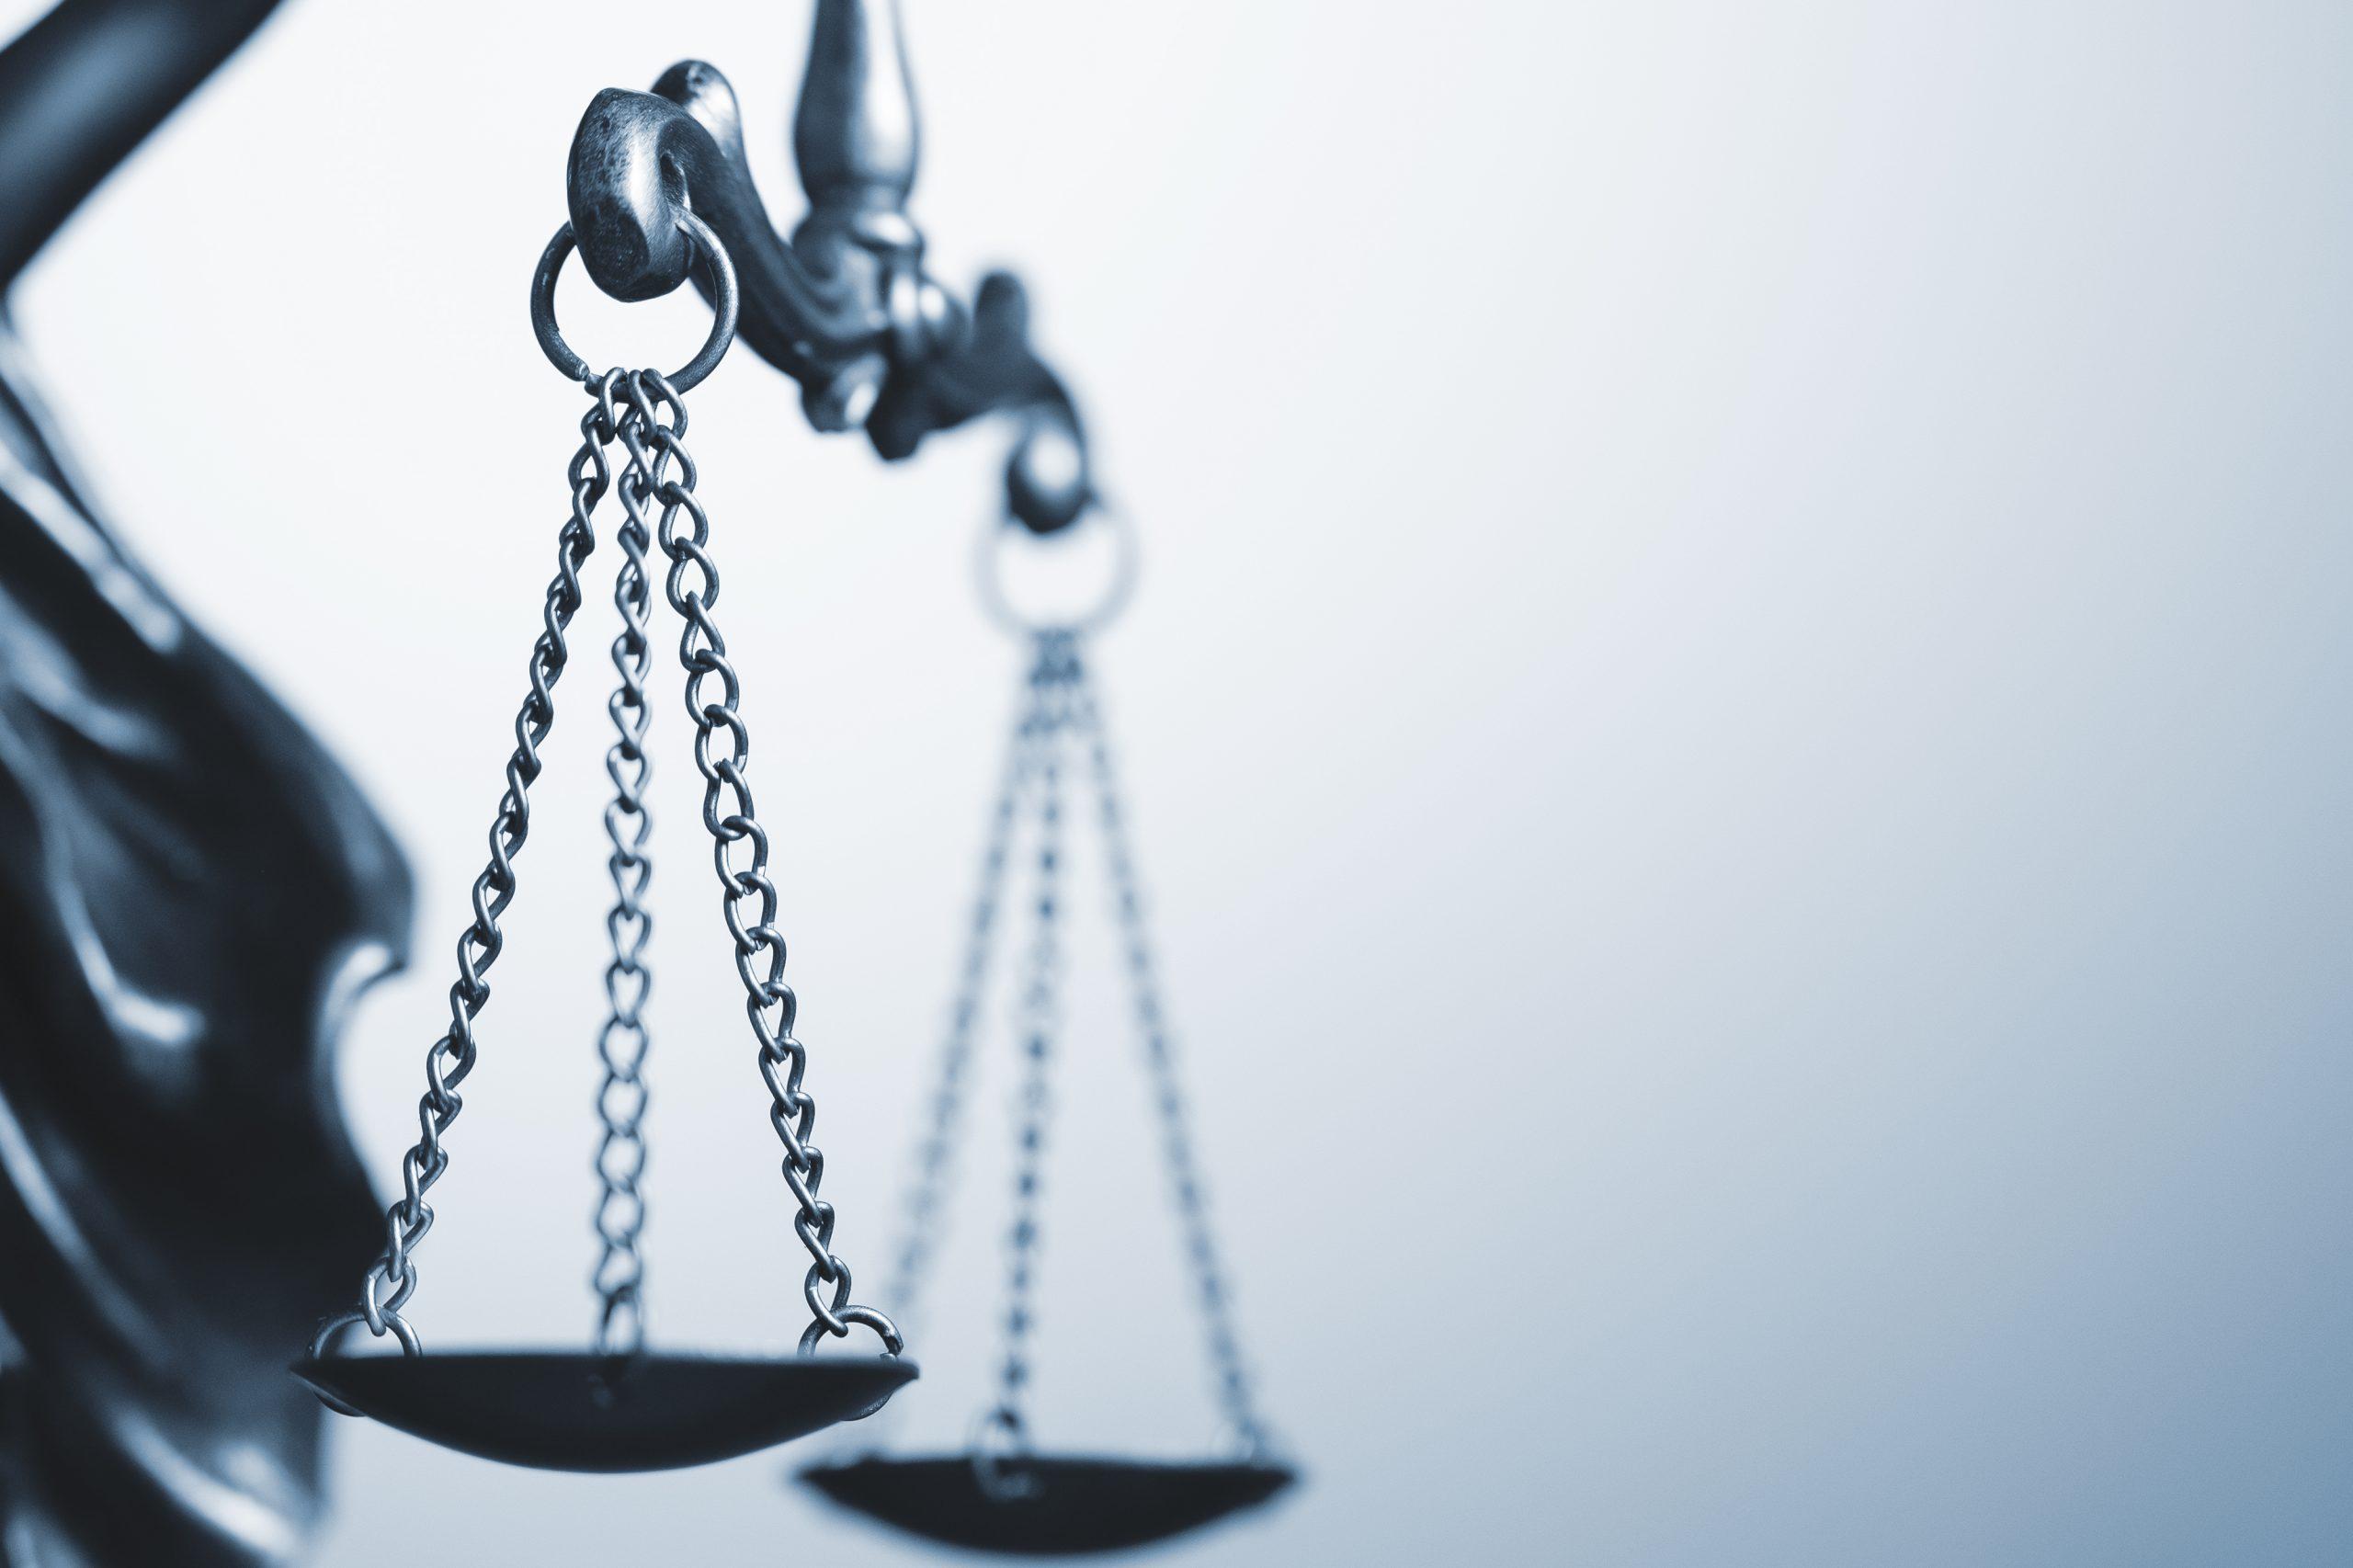 O art. 20, § 1º, da Constituição e a distribuição dos royalties relativos à exploração de petróleo na plataforma continental